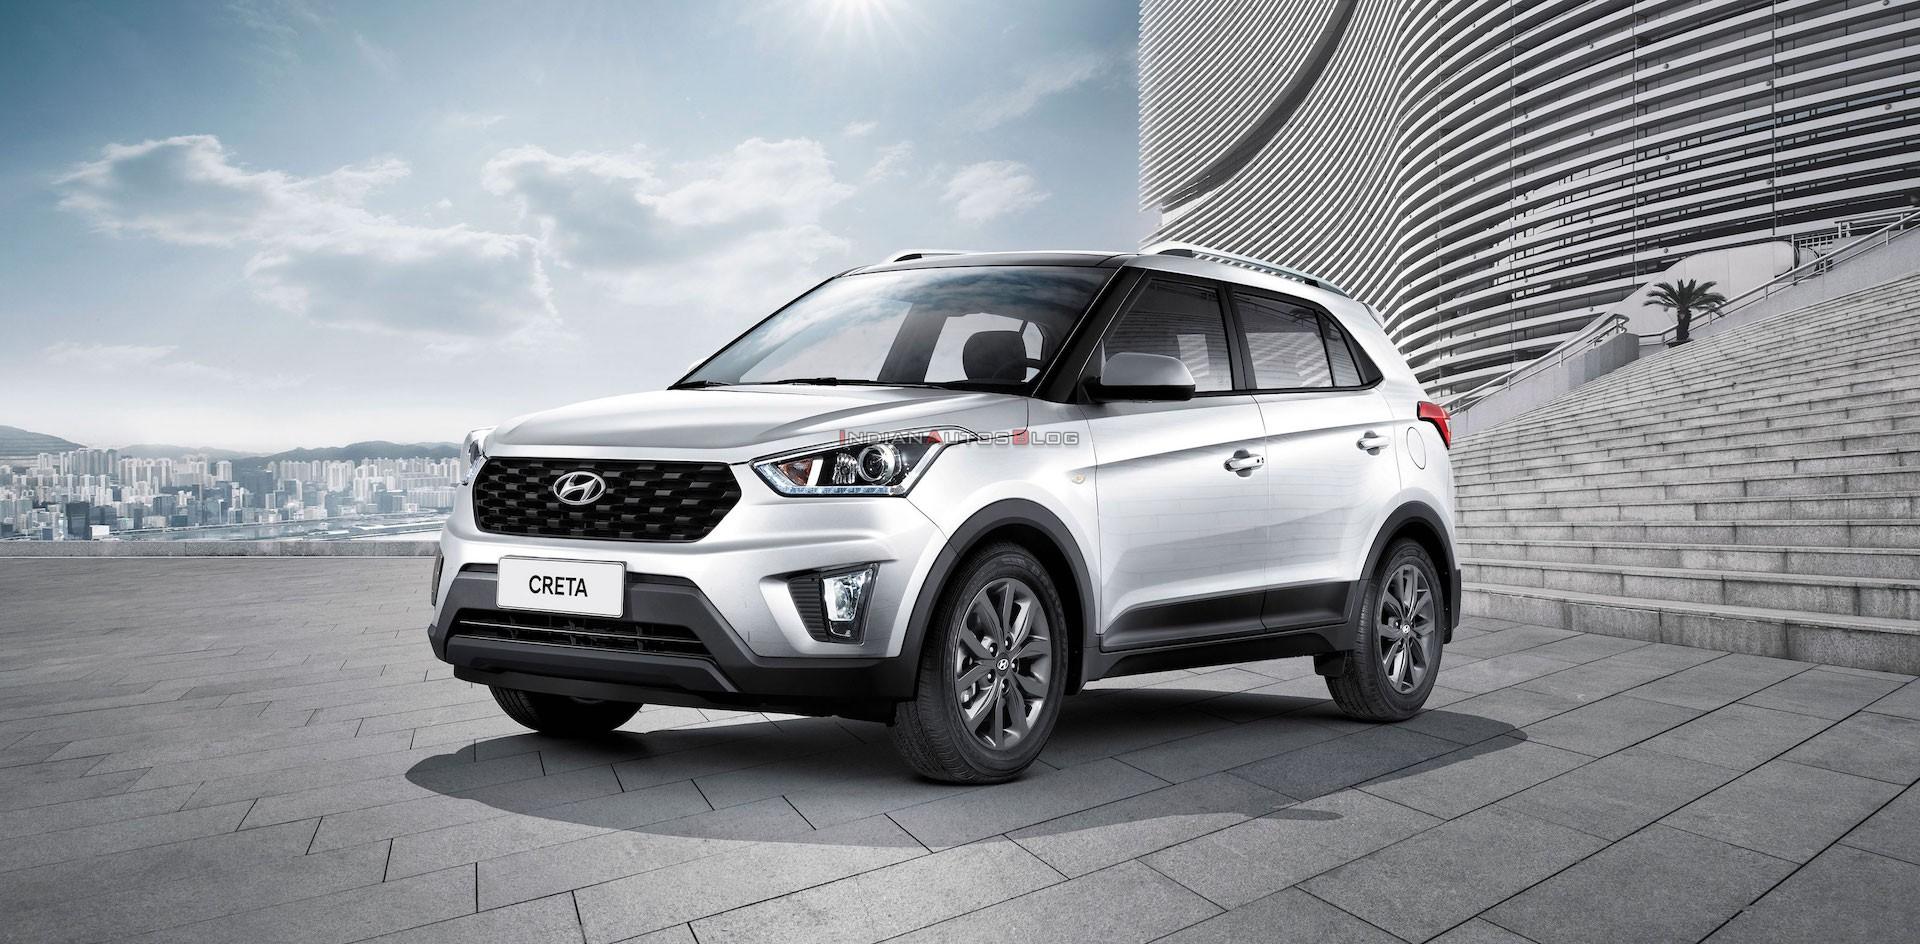 Hyundai Creta Gets A Facelift In Russia Iab Report